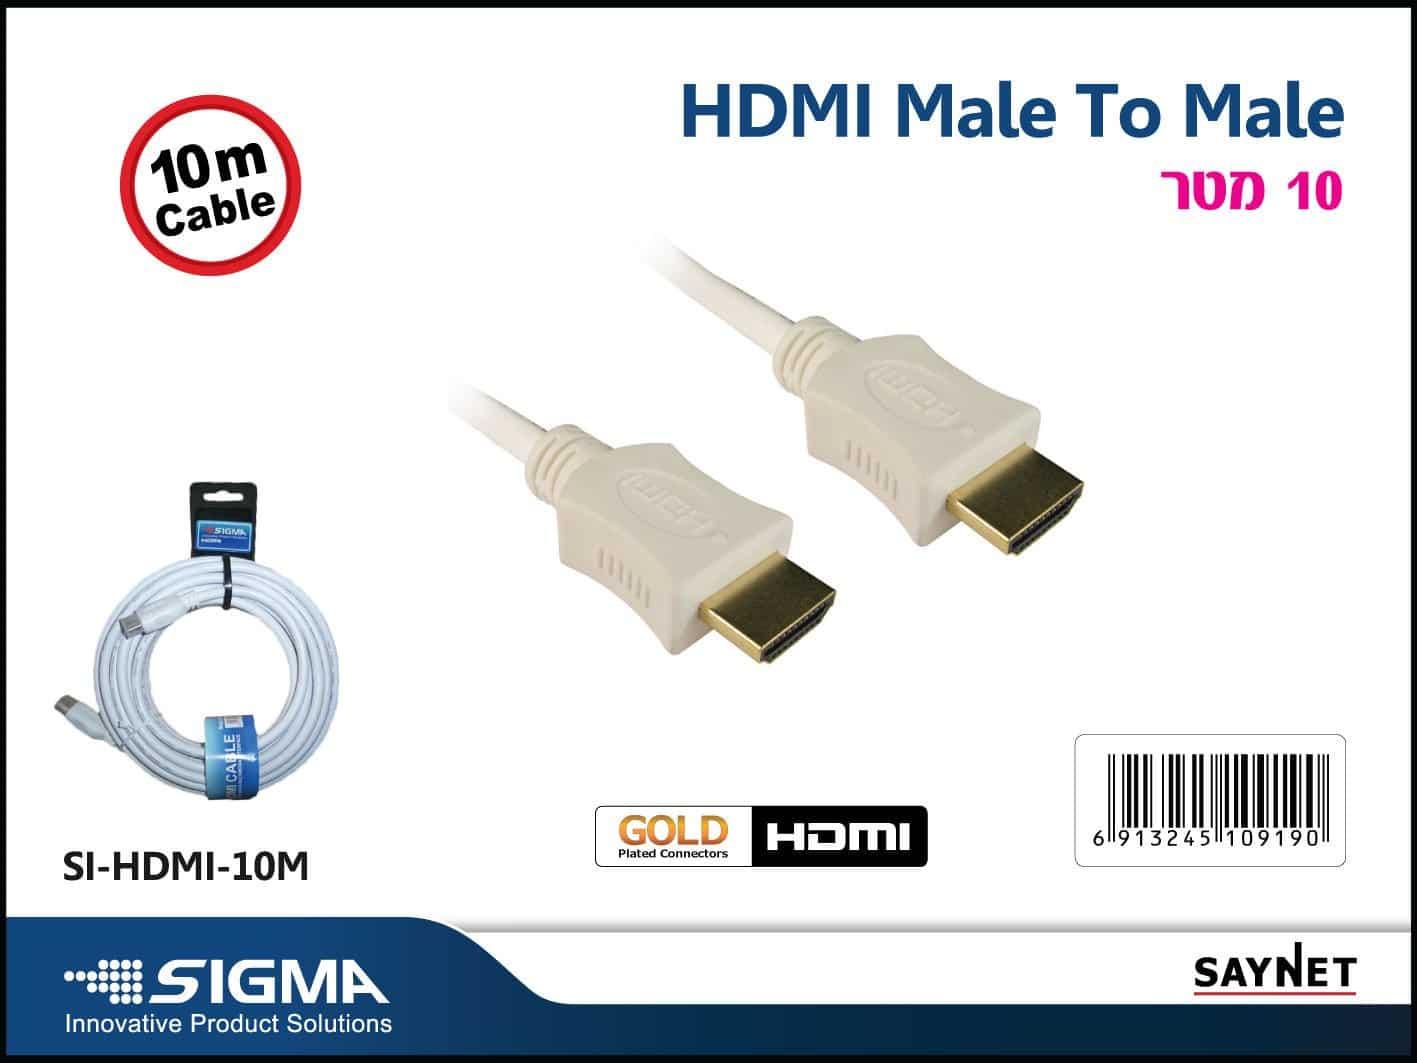 כבל HDMI מצופה זהב 10 מטר SIGMA לבן במתלה SIGMA